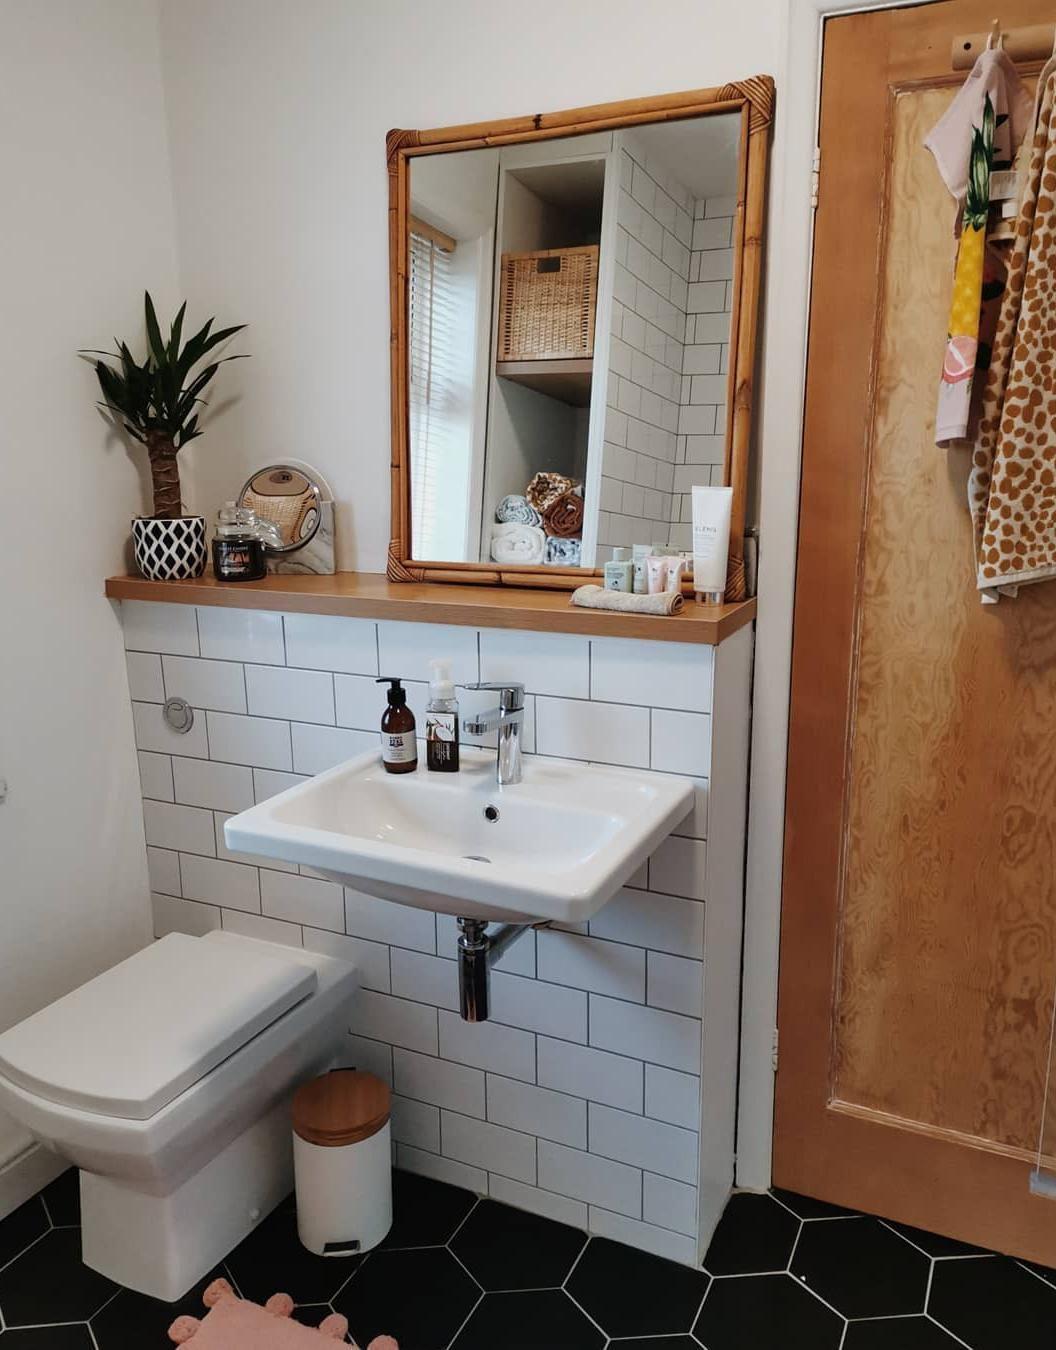 50 Small Bathroom Design Ideas For 2020 in 2020